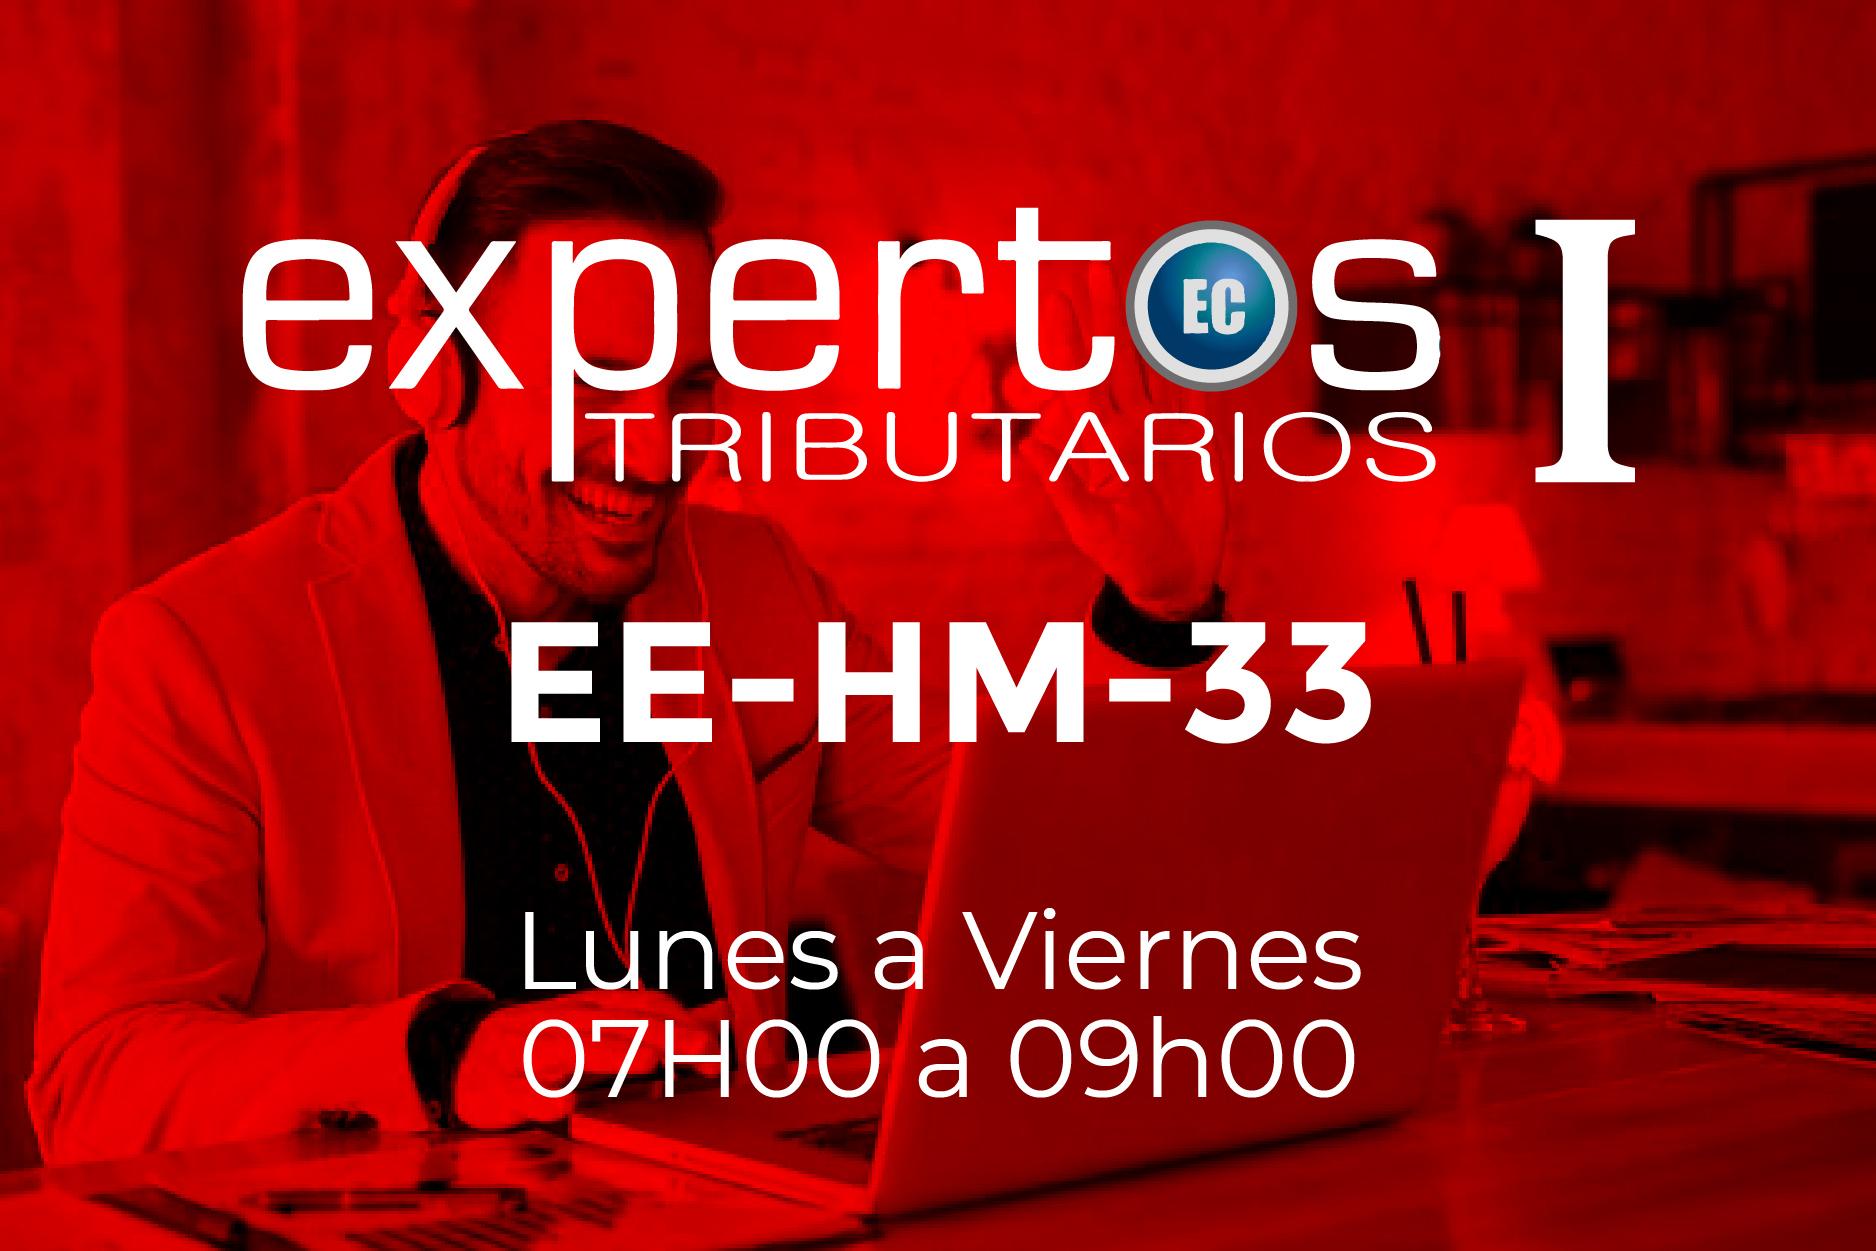 33 - EXPERTOS TRIBUTARIOS - LUNES A VIERNES - 07:00 A 09:00